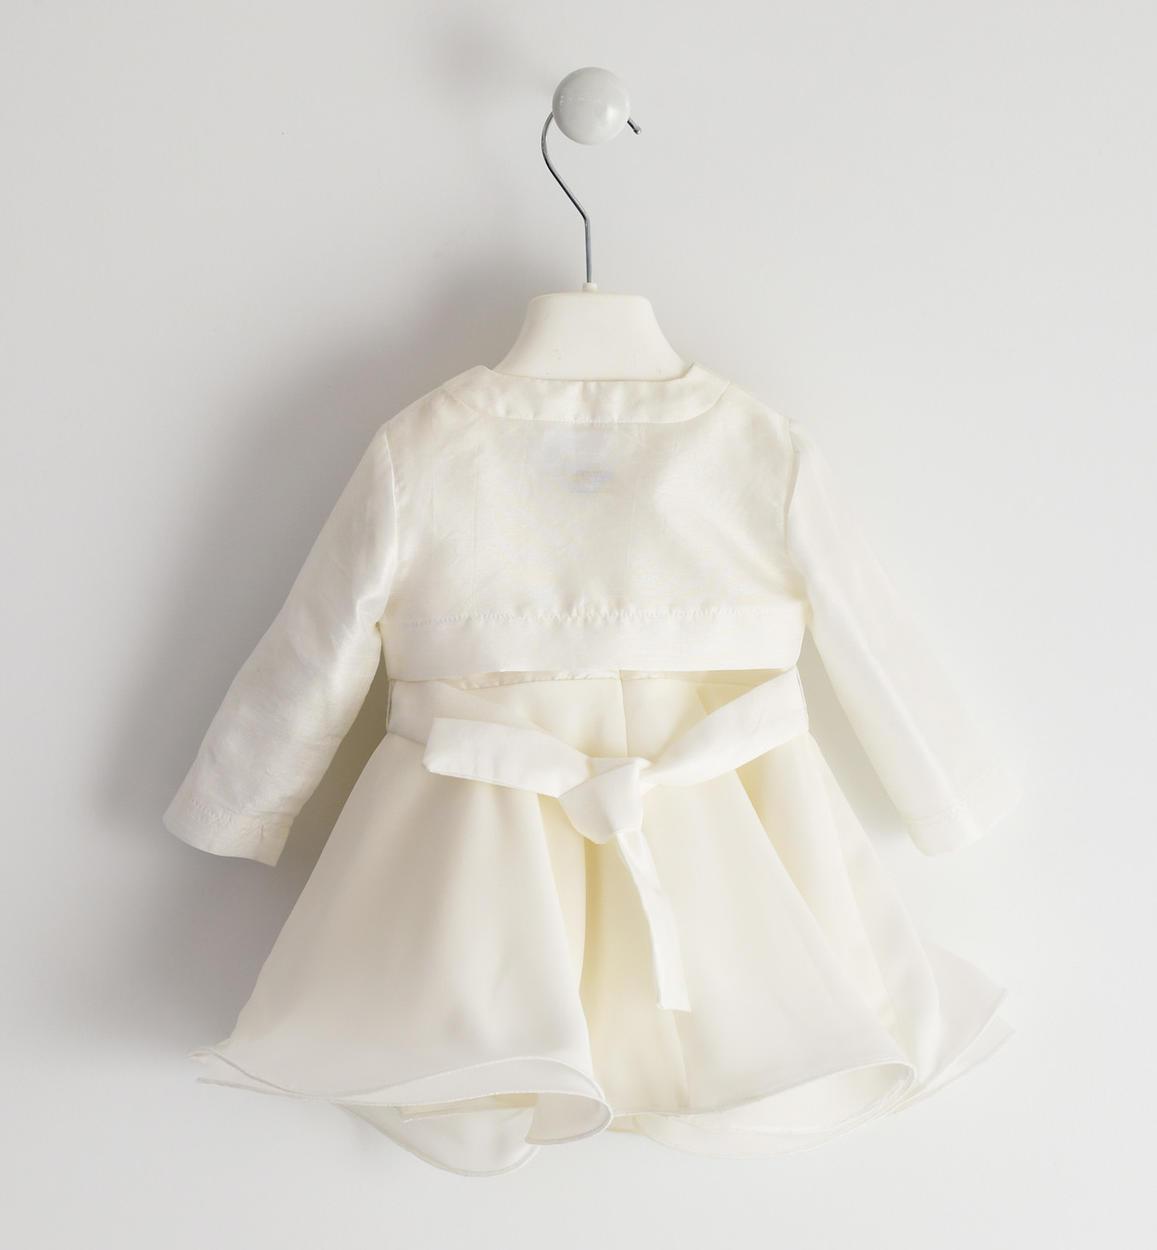 elegante abito con raffinato coprispalle panna retro 02 0444j13100 0112 150x150